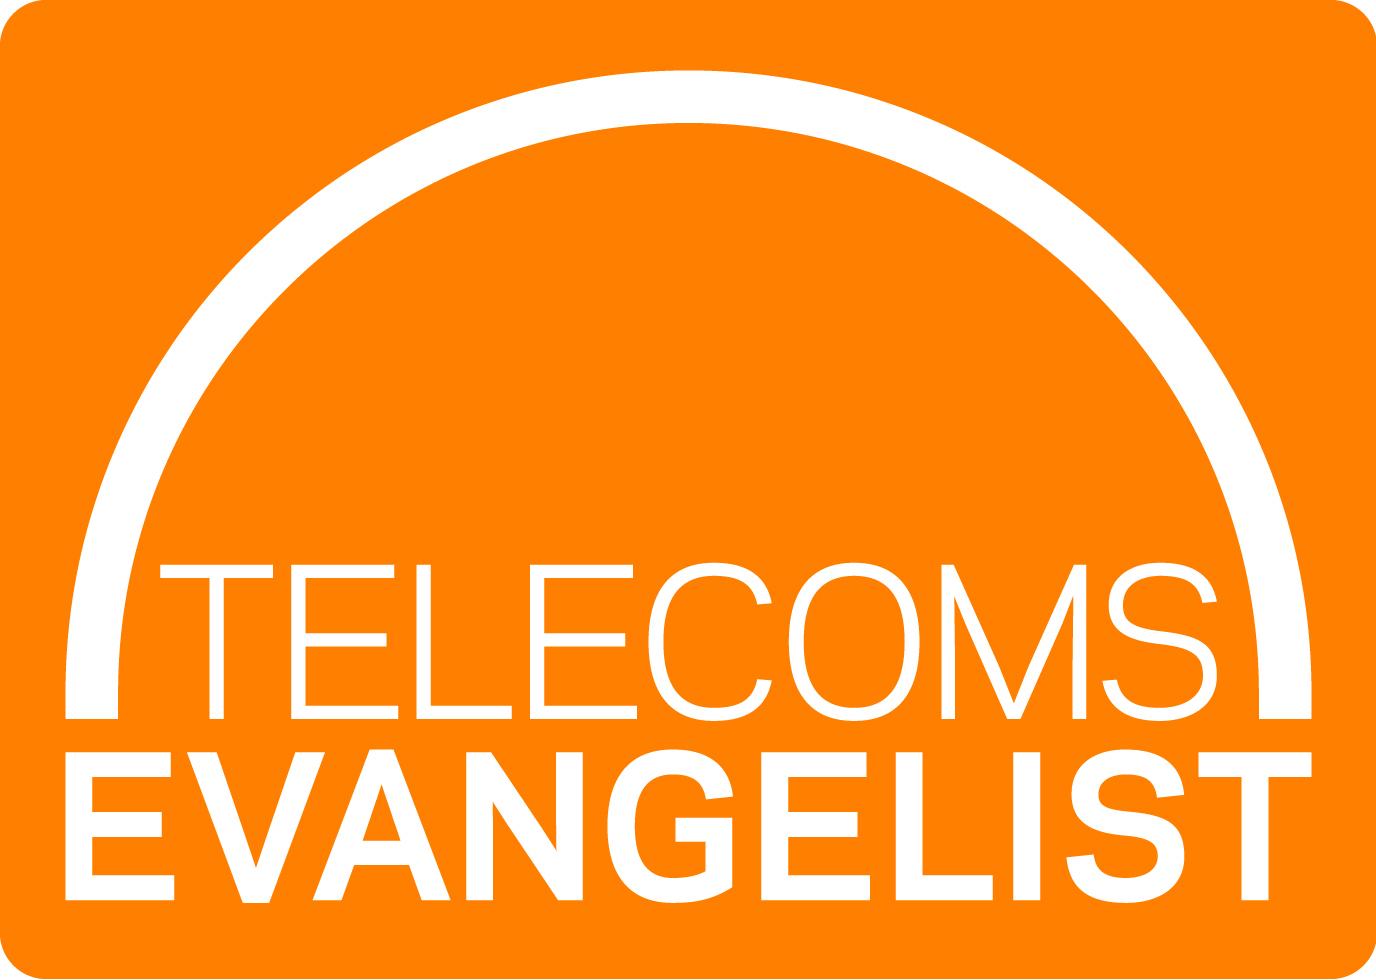 Telecoms Evangelist image